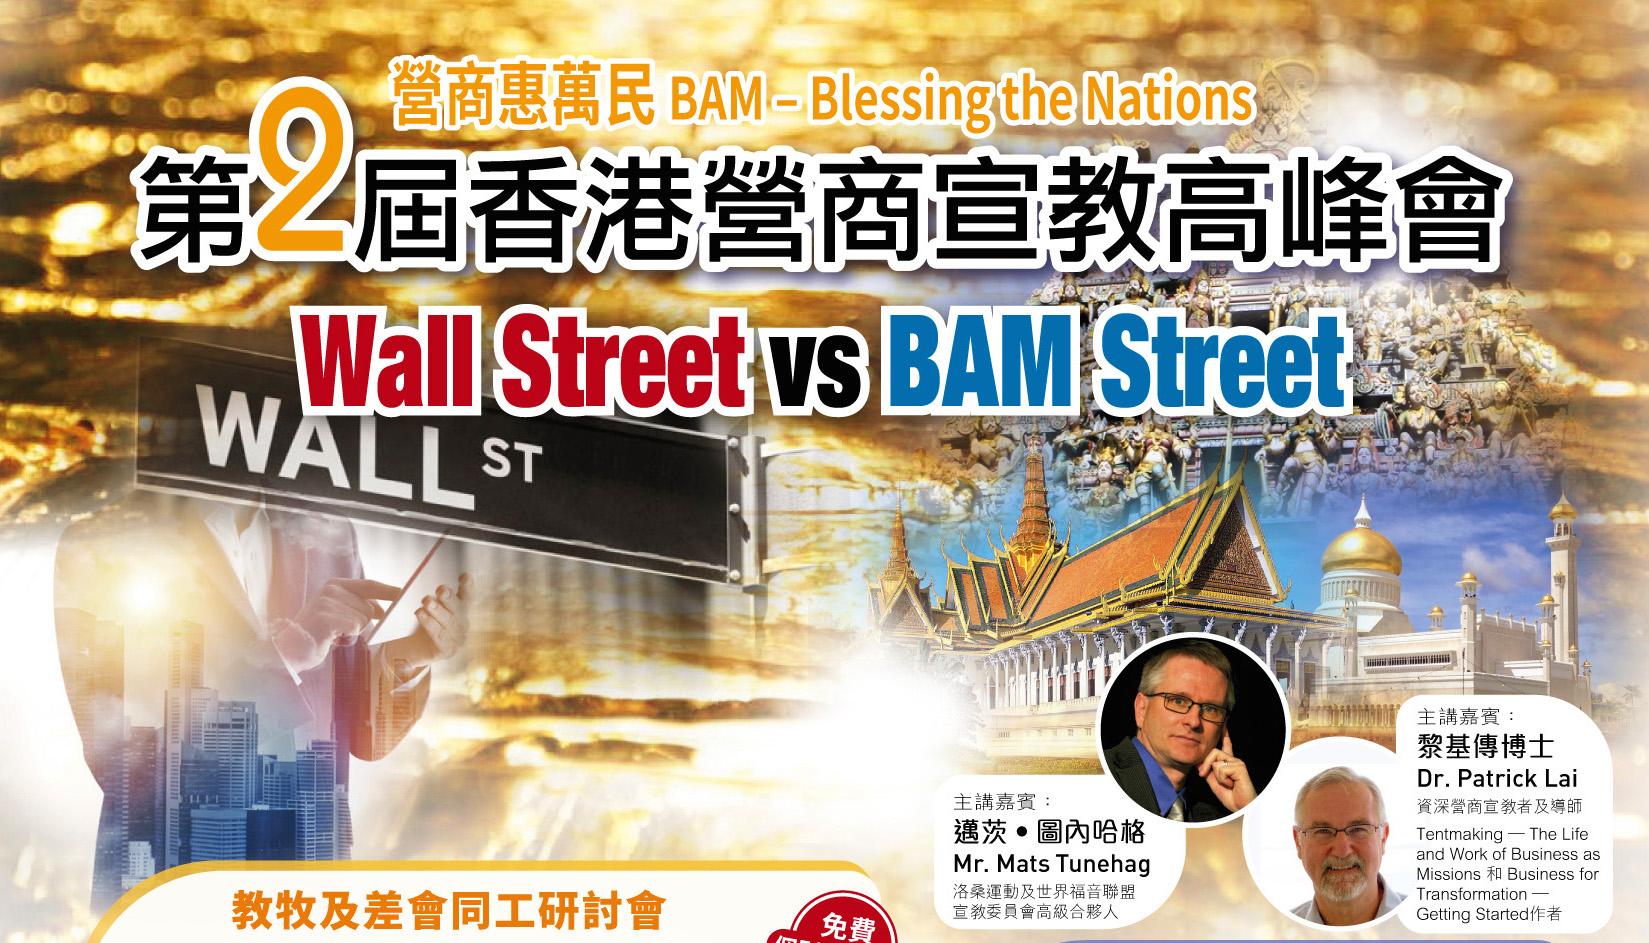 BAM Poster 02